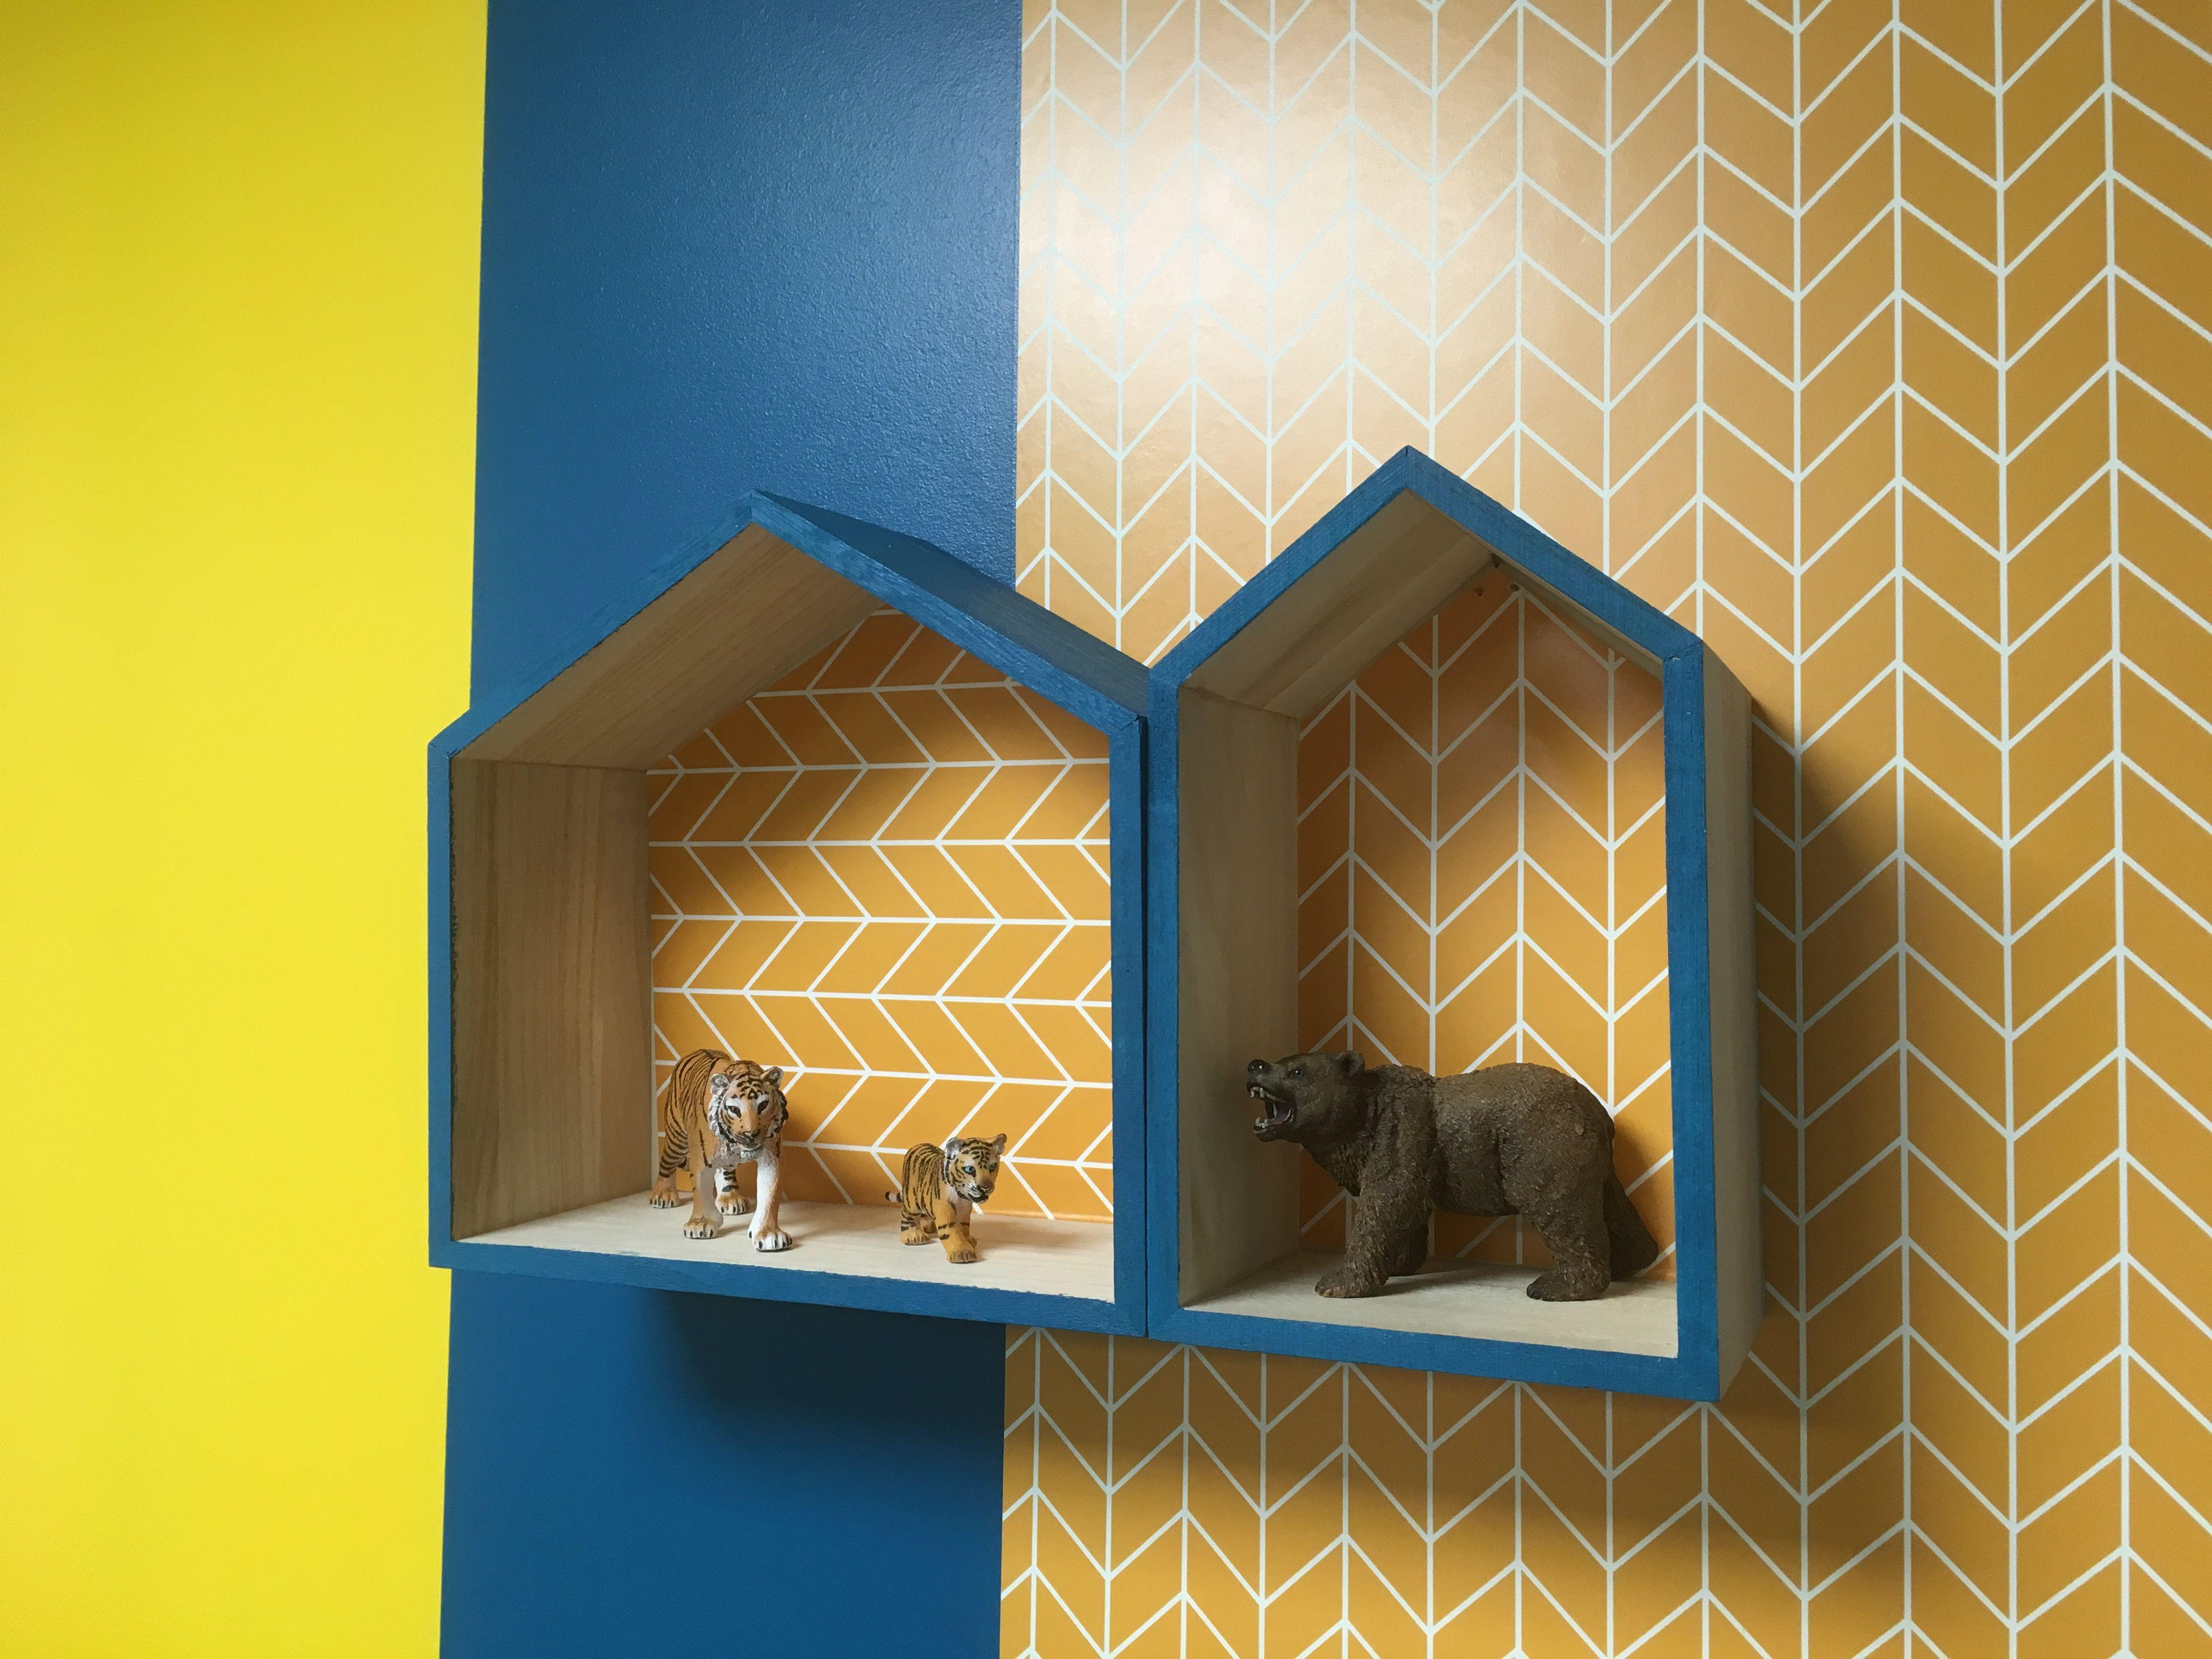 Chambres D Hotes Ecully Ou Gite Piscine Et Spa Proche De Lyon Deco Jaune Deco Salle De Jeux